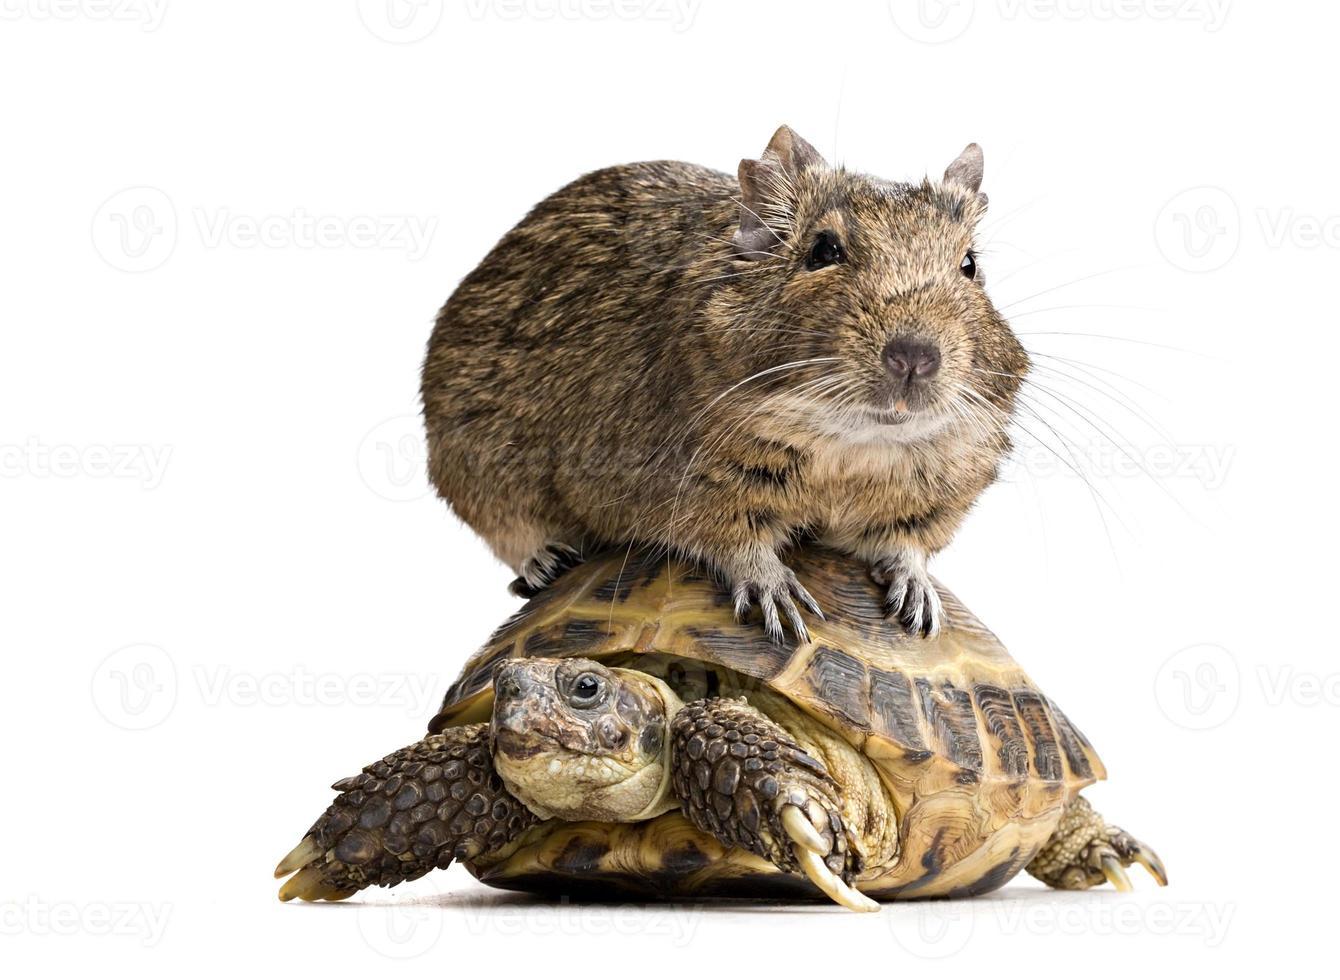 degu hamster berijdende schildpad foto